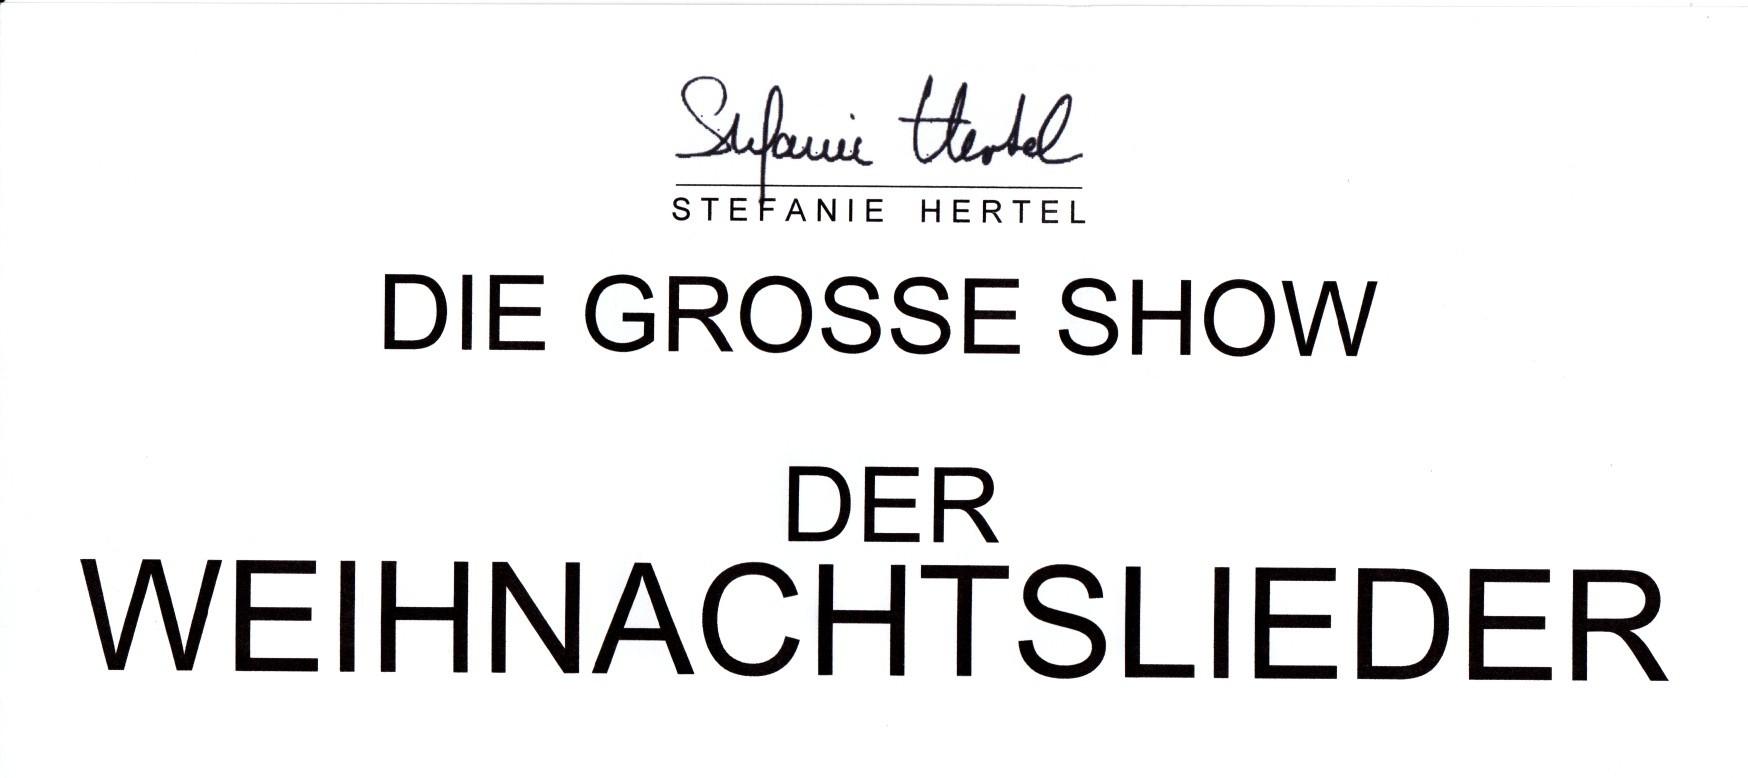 Duett Videos aus der Sendung - Stefanie Hertel Fanpage